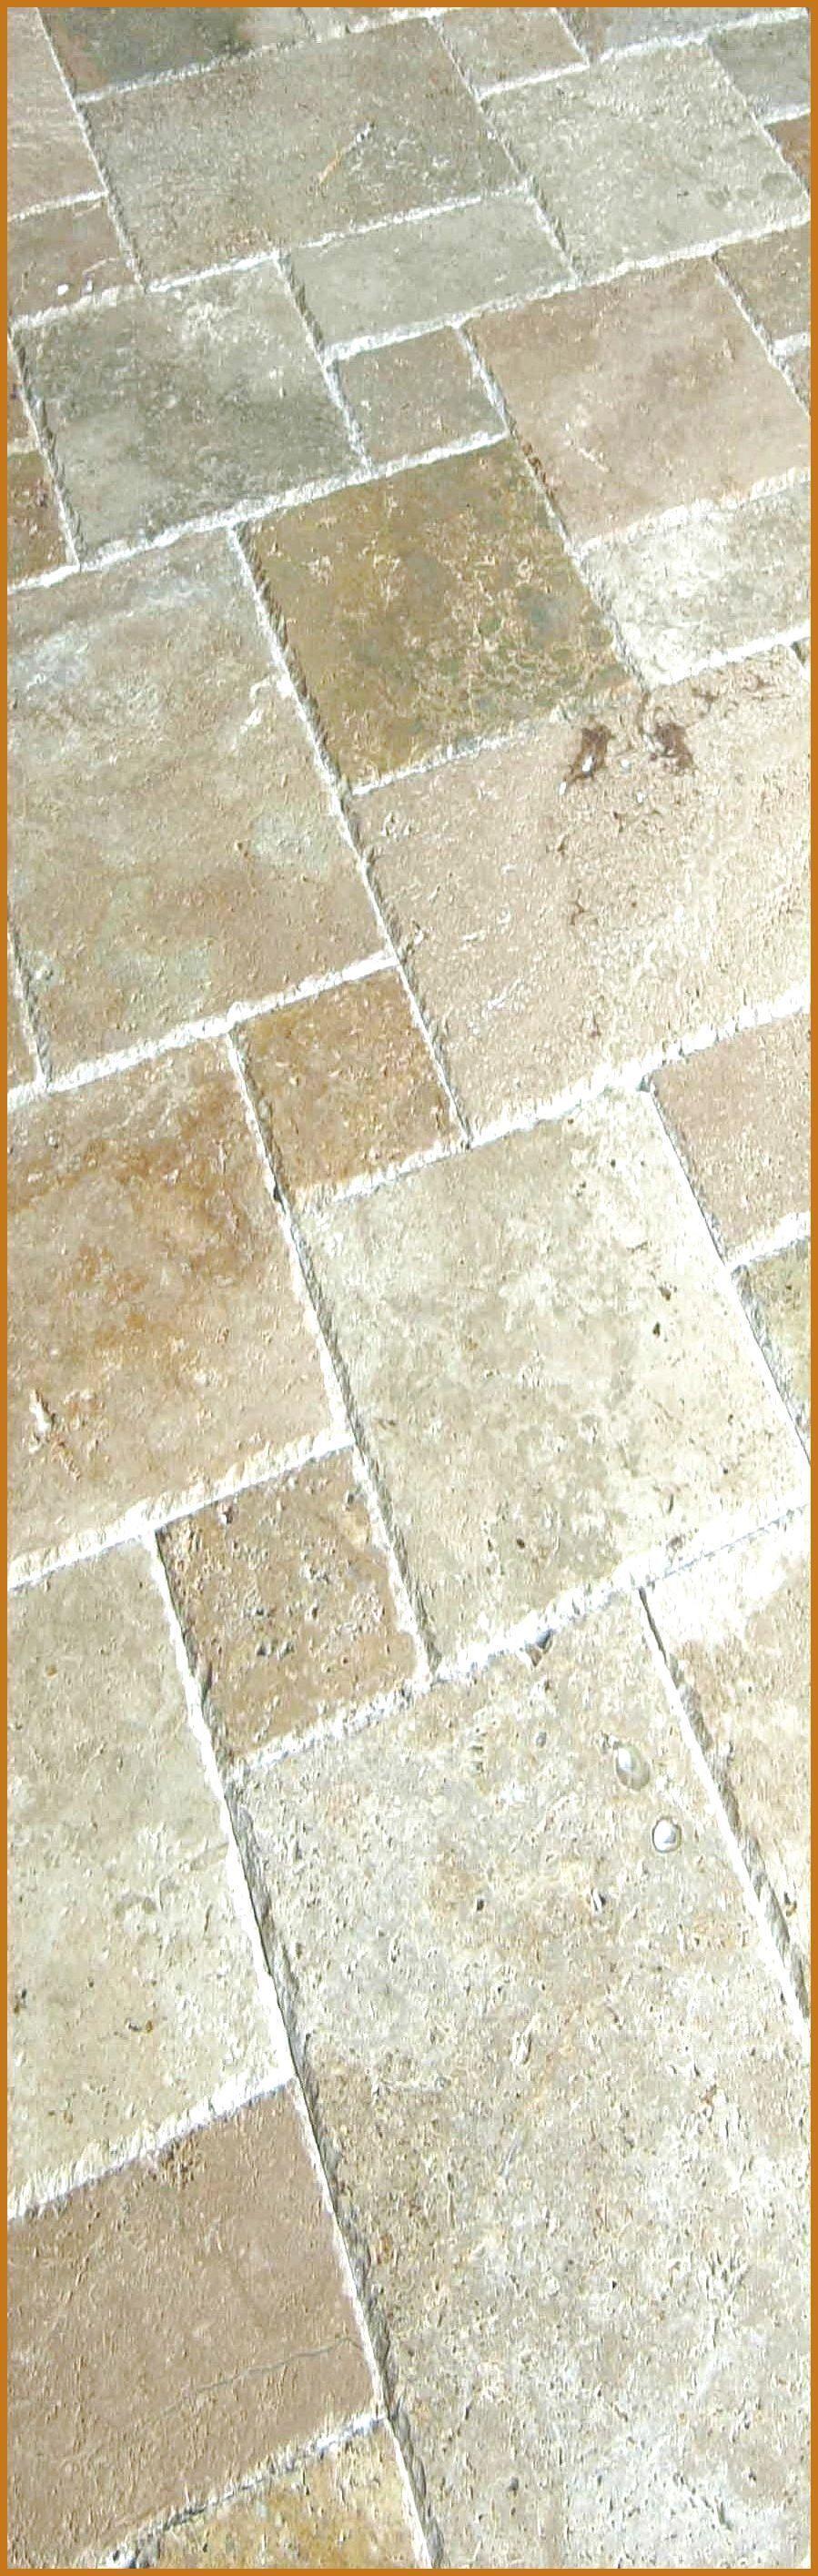 Pin Von Lilburnguy Auf House Flooring In 2020 Vinylboden Bodenfliesen Laminatboden